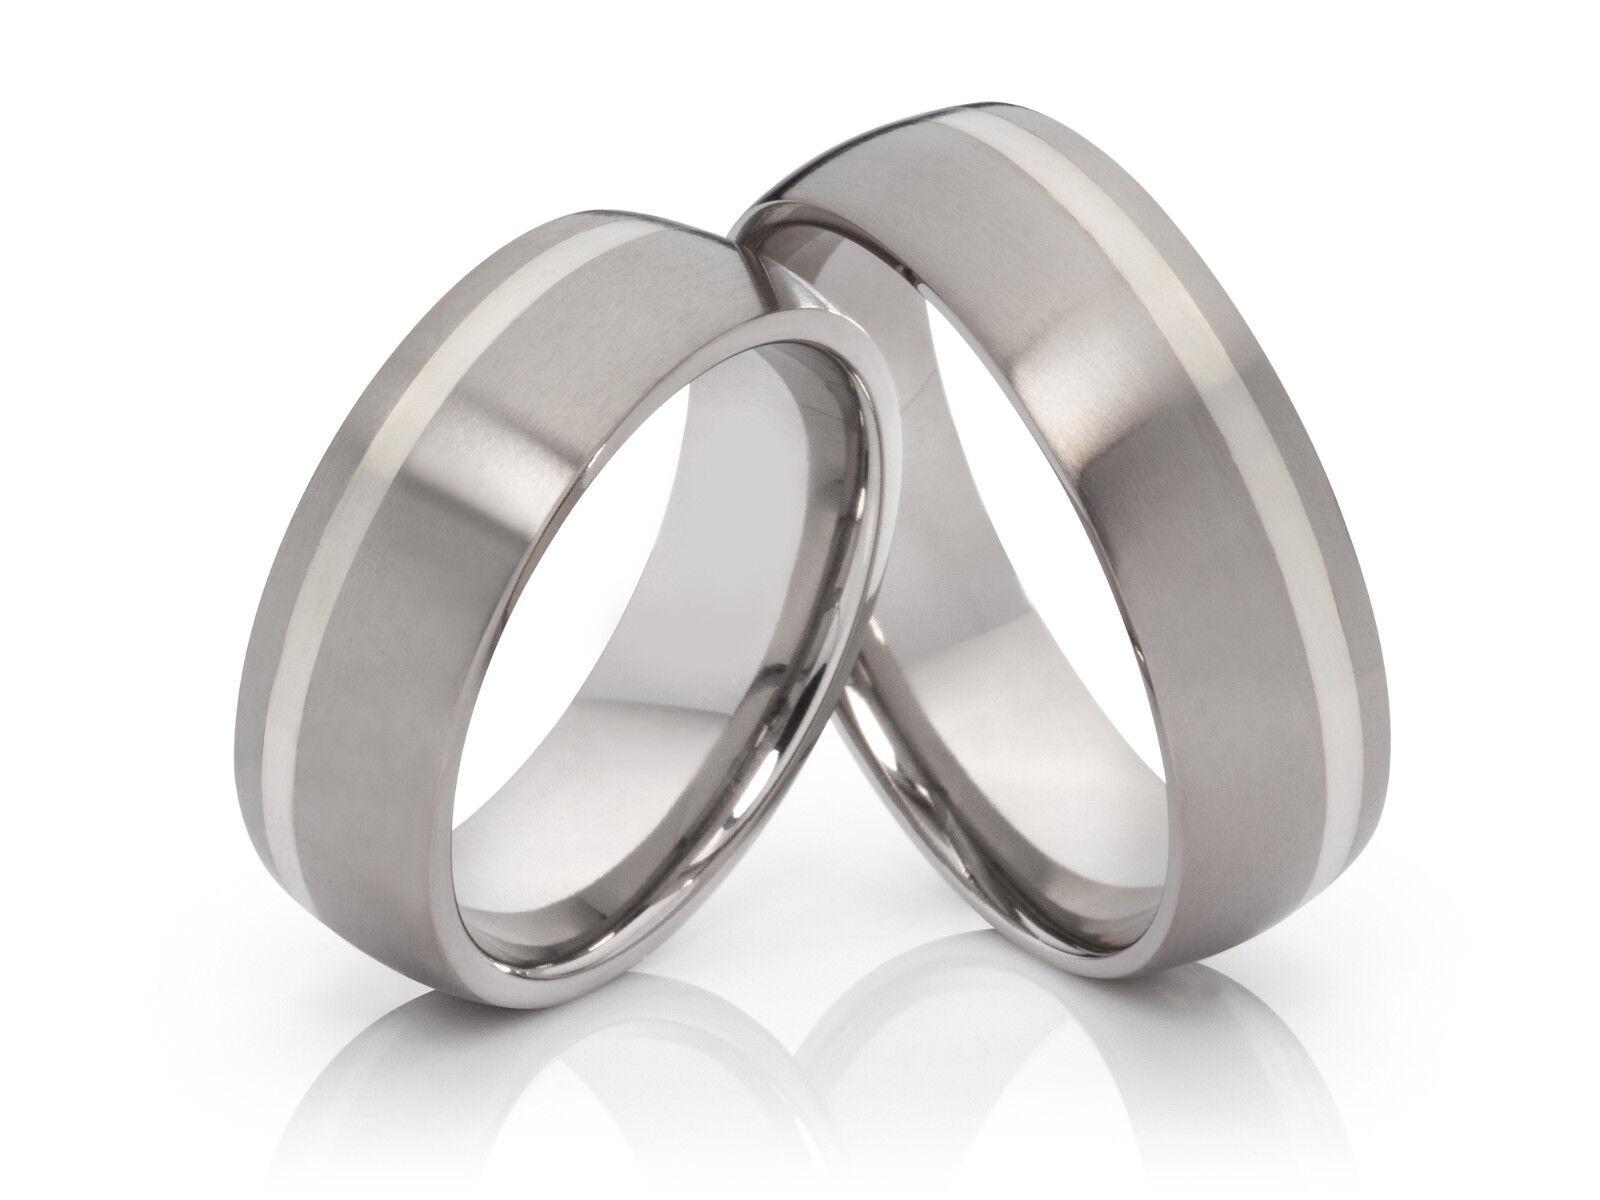 Toe Rings 10k Solido Oro Giallo Zircone Cubico Delfino Anello Regolabile O Dito Piede Fashion Jewelry